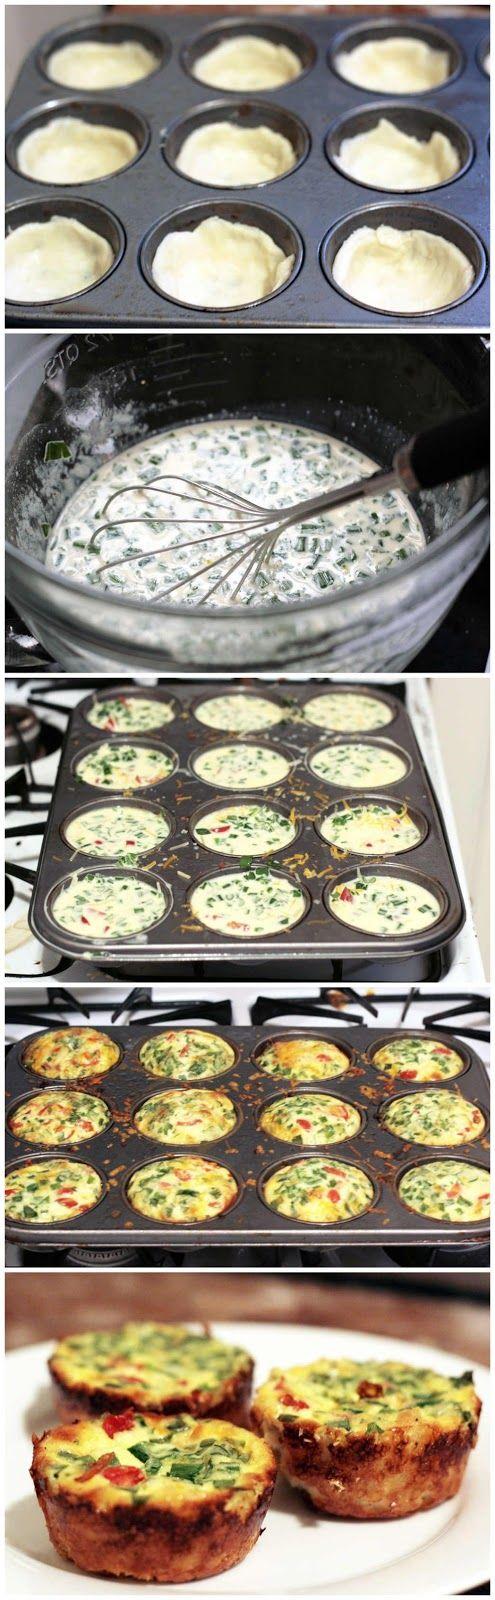 Easy Mini Quiche Recip - kiss recipe   Yummy!   Pinterest